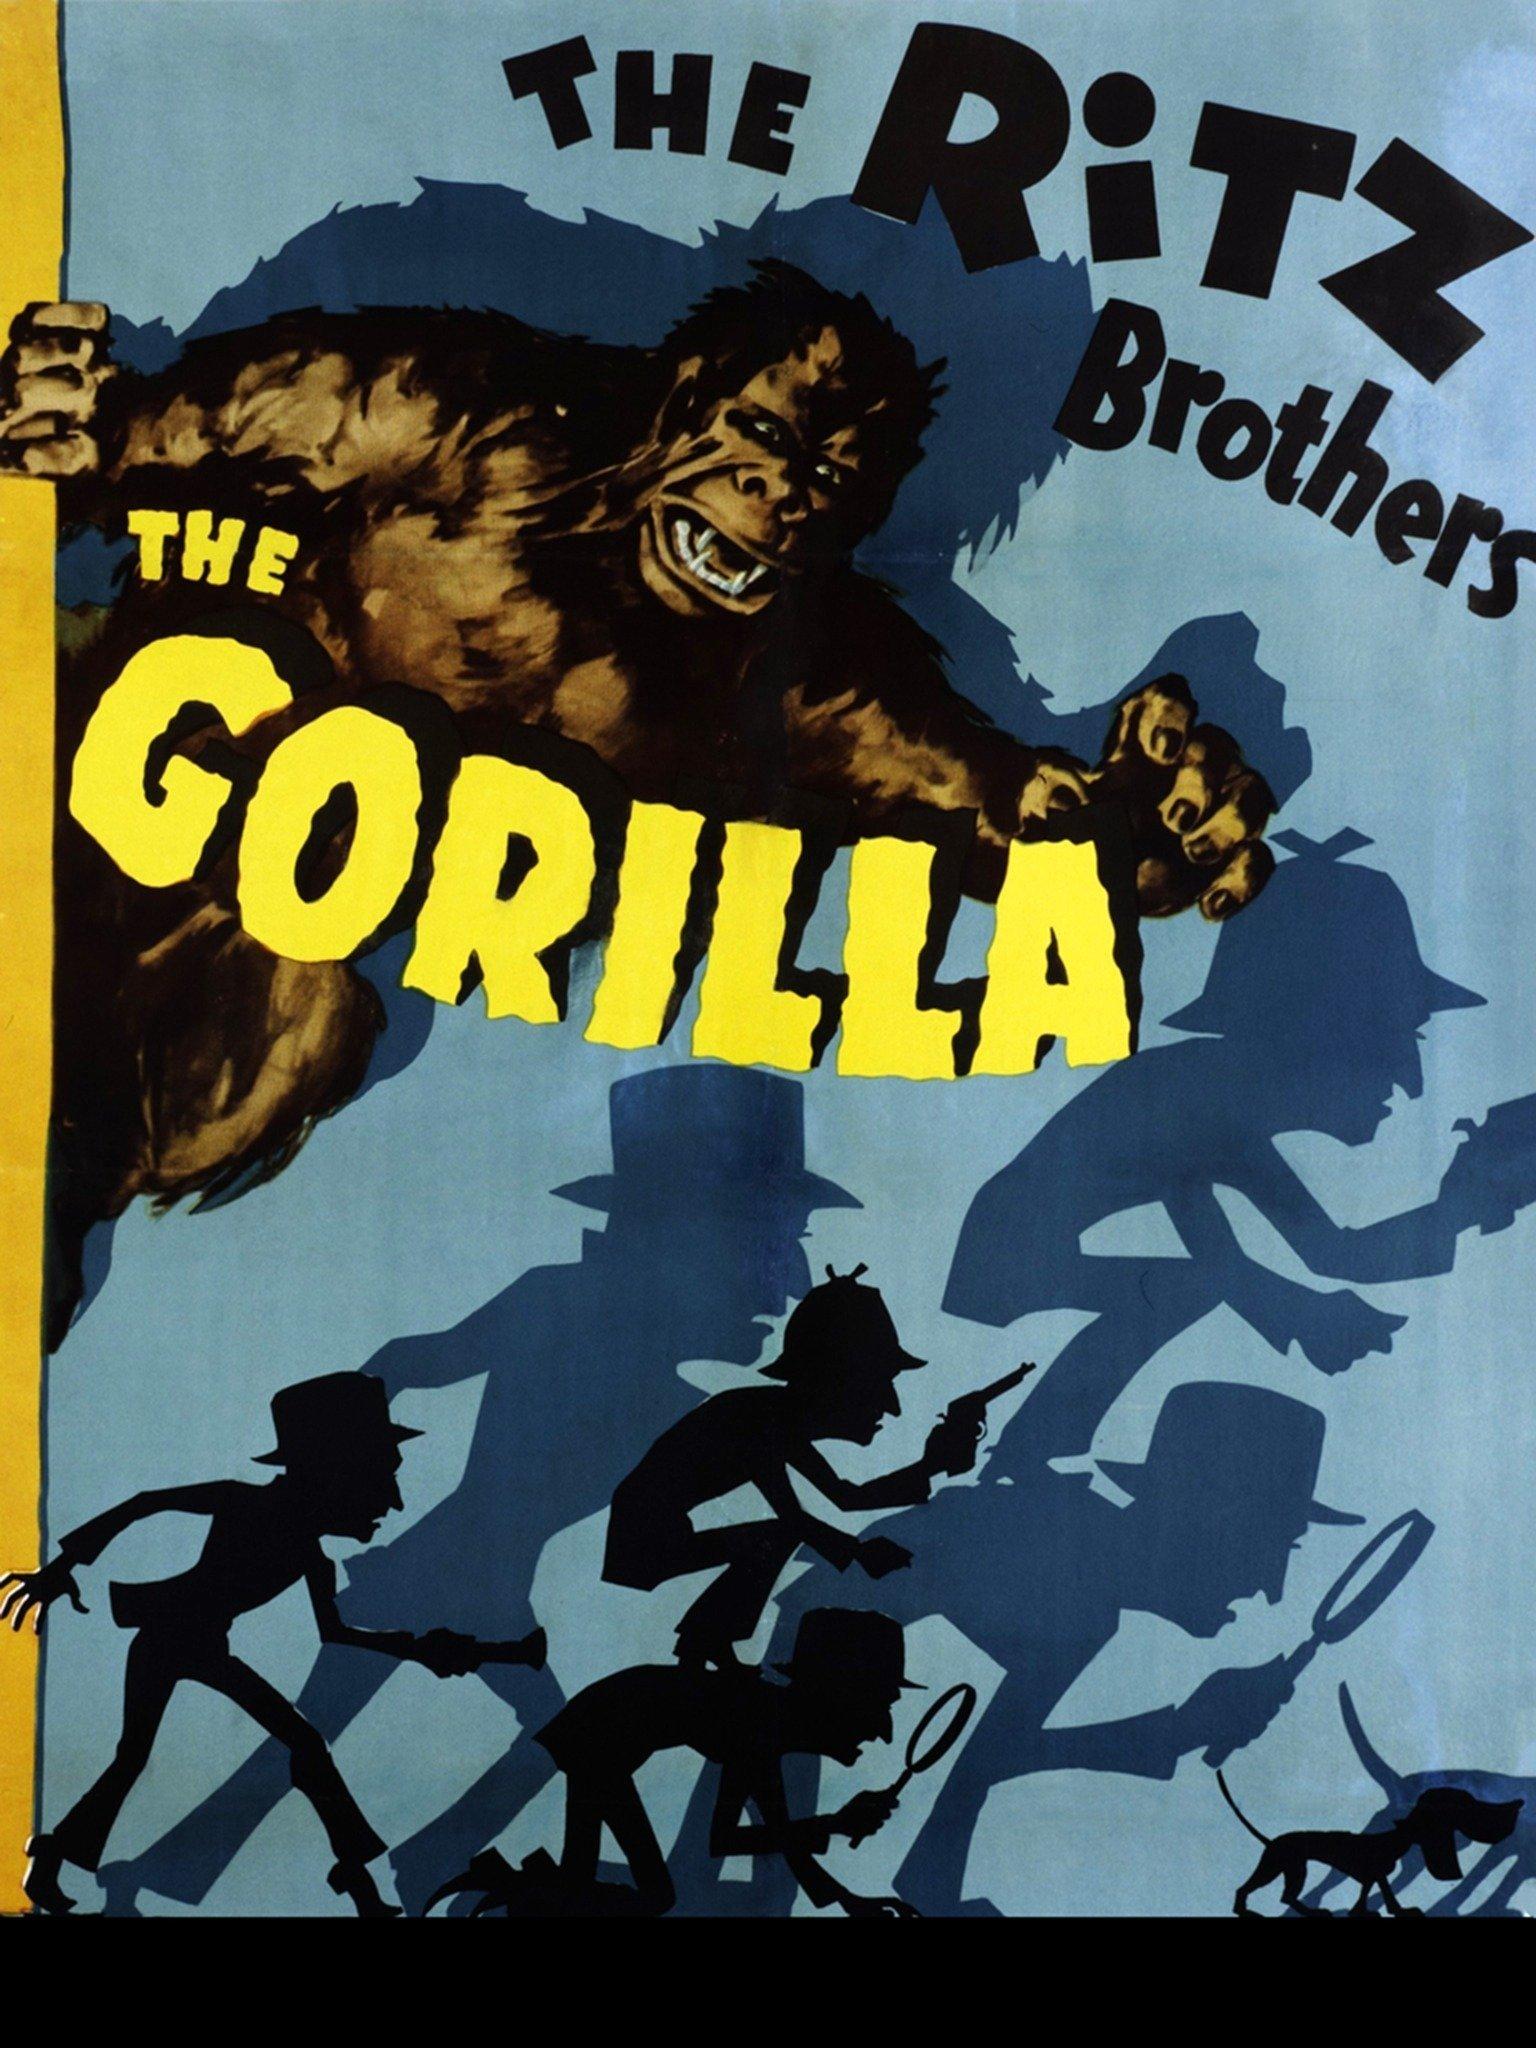 The Gorilla (1939)